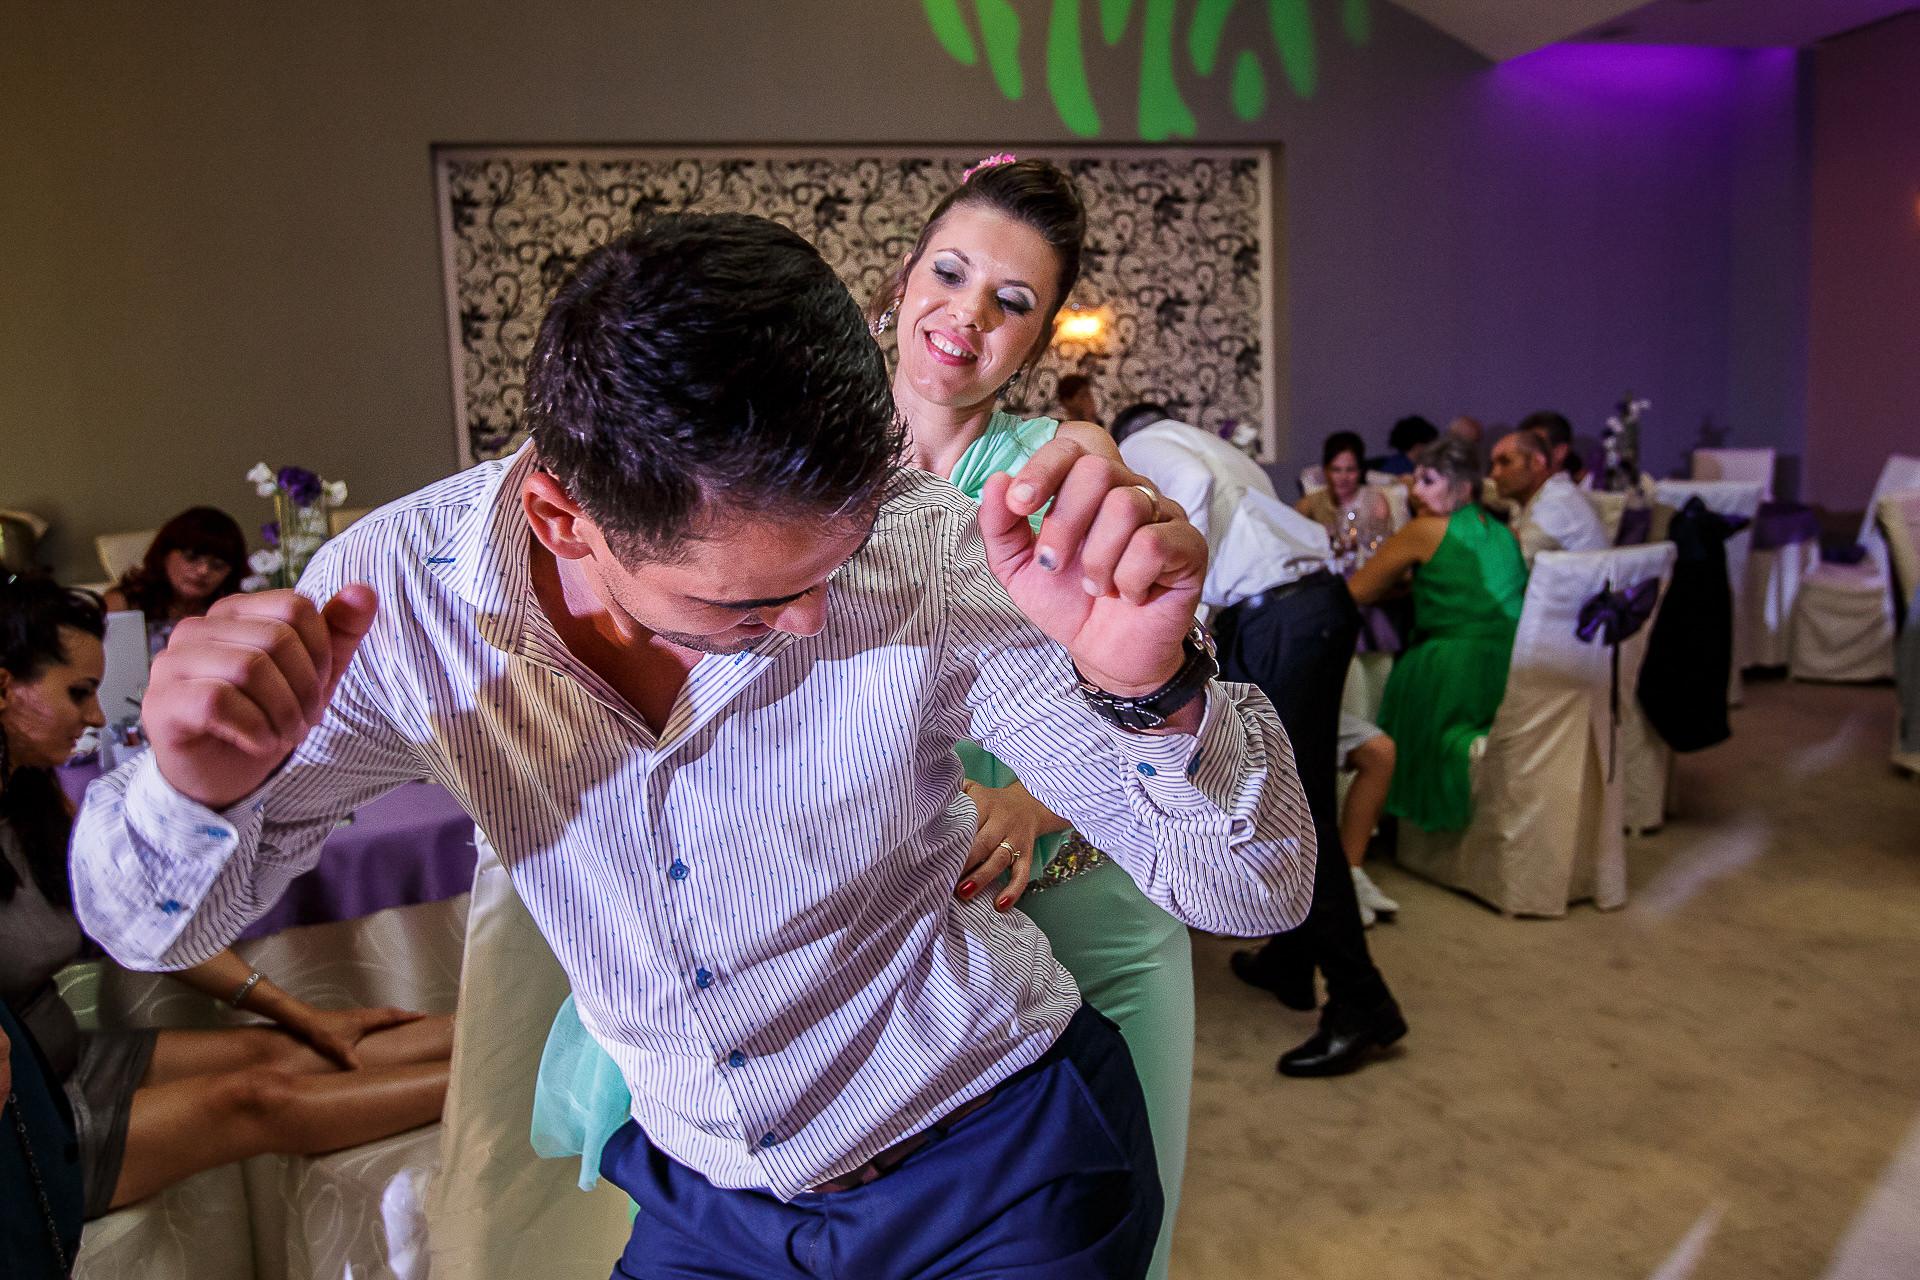 Fotograf nuntă Bucureşti - Biserica Militara Sfântul Mina + Metropolitan Club and Events - Marinela şi Pasquale - Mihai Zaharia Photography - 84